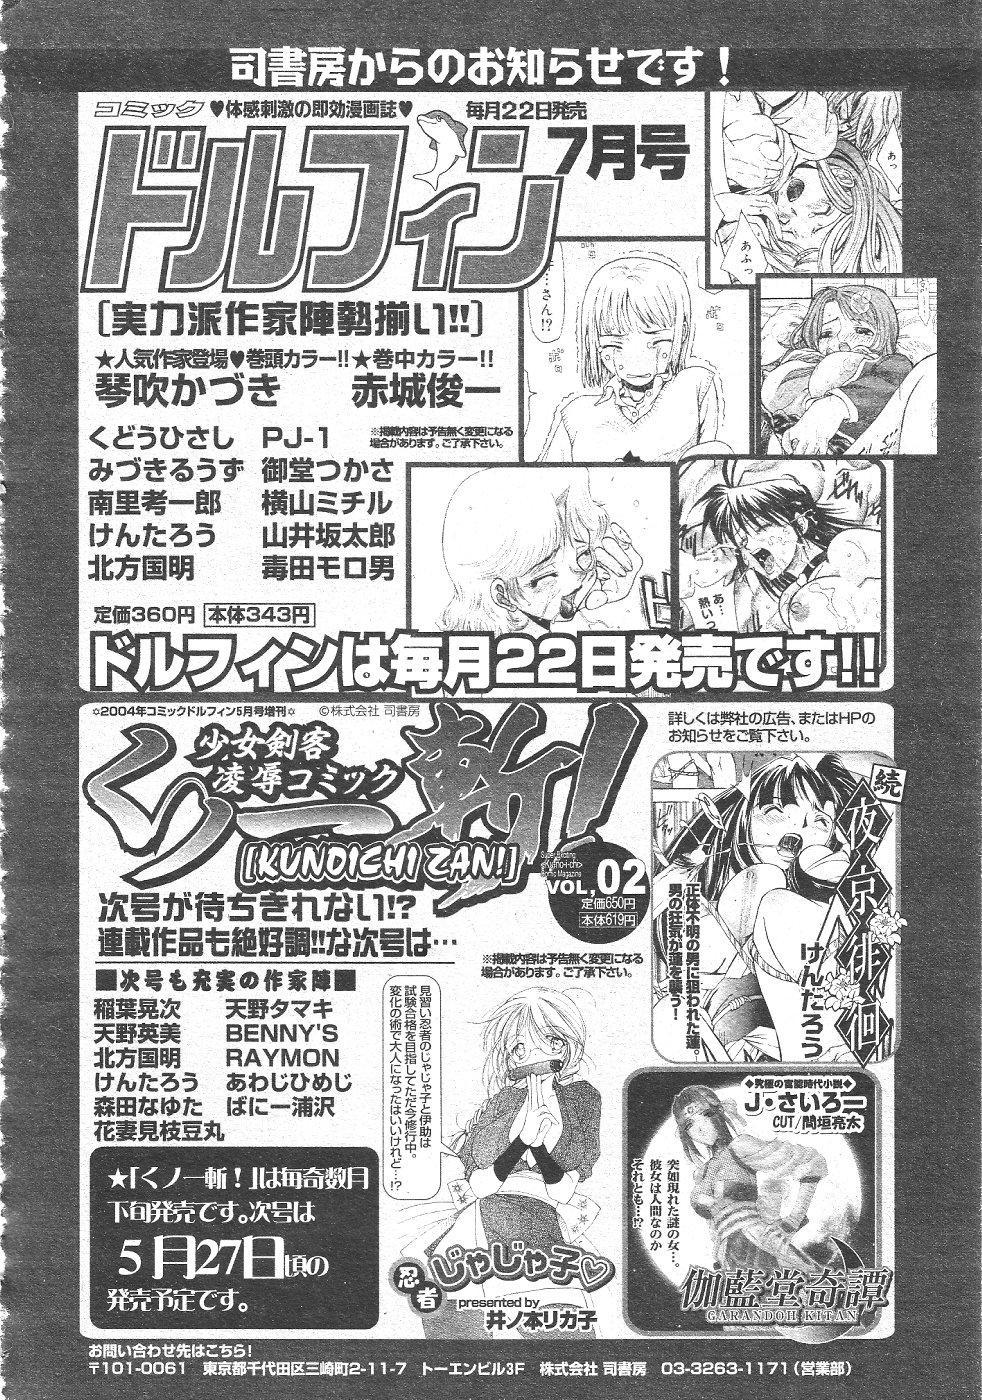 Gekkan Comic Muga 2004-06 Vol.10 401